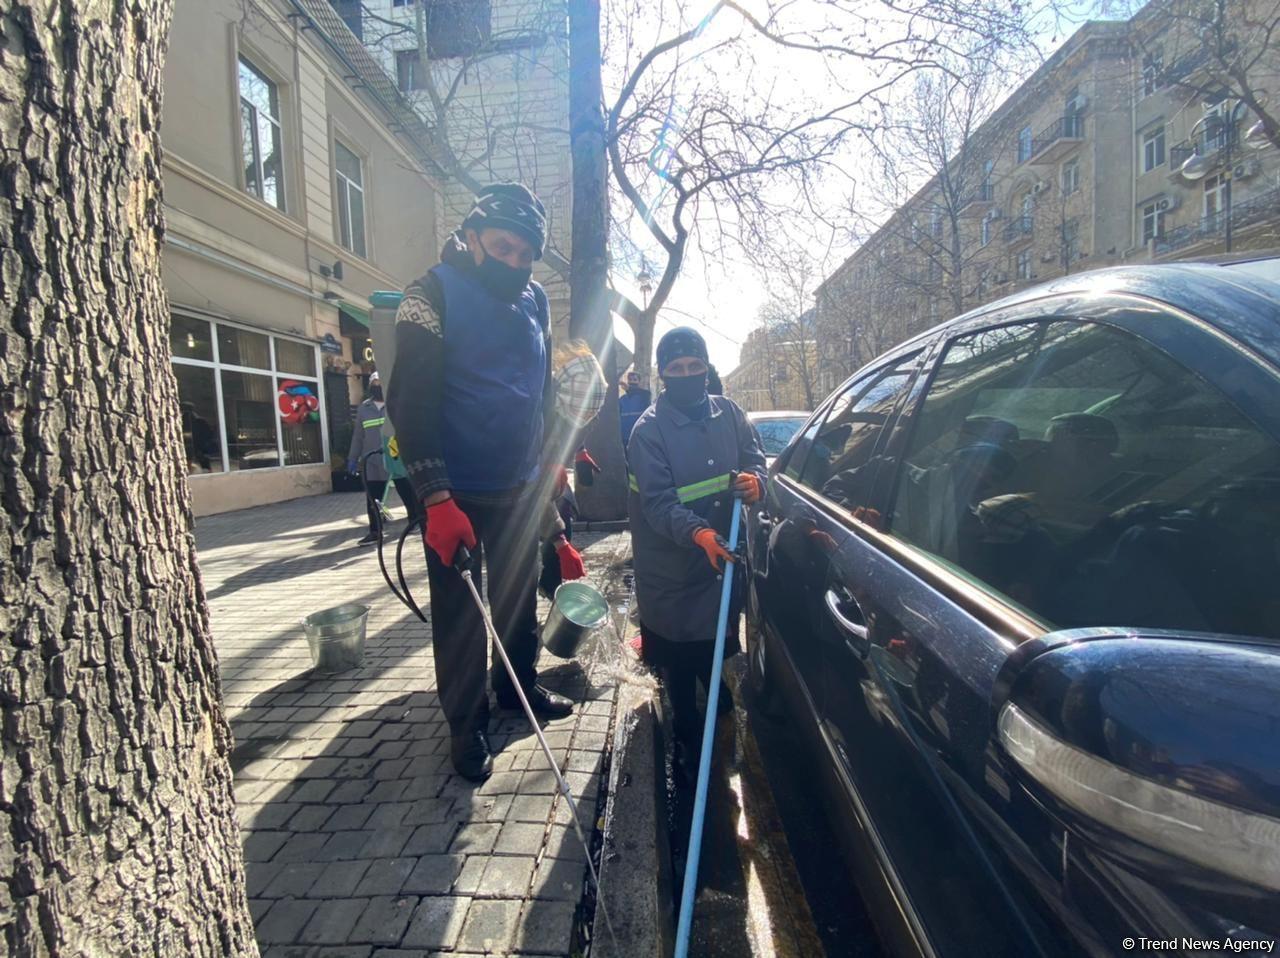 Bakı küçələri qardan sonra təmizlənir (FOTO) - Gallery Image